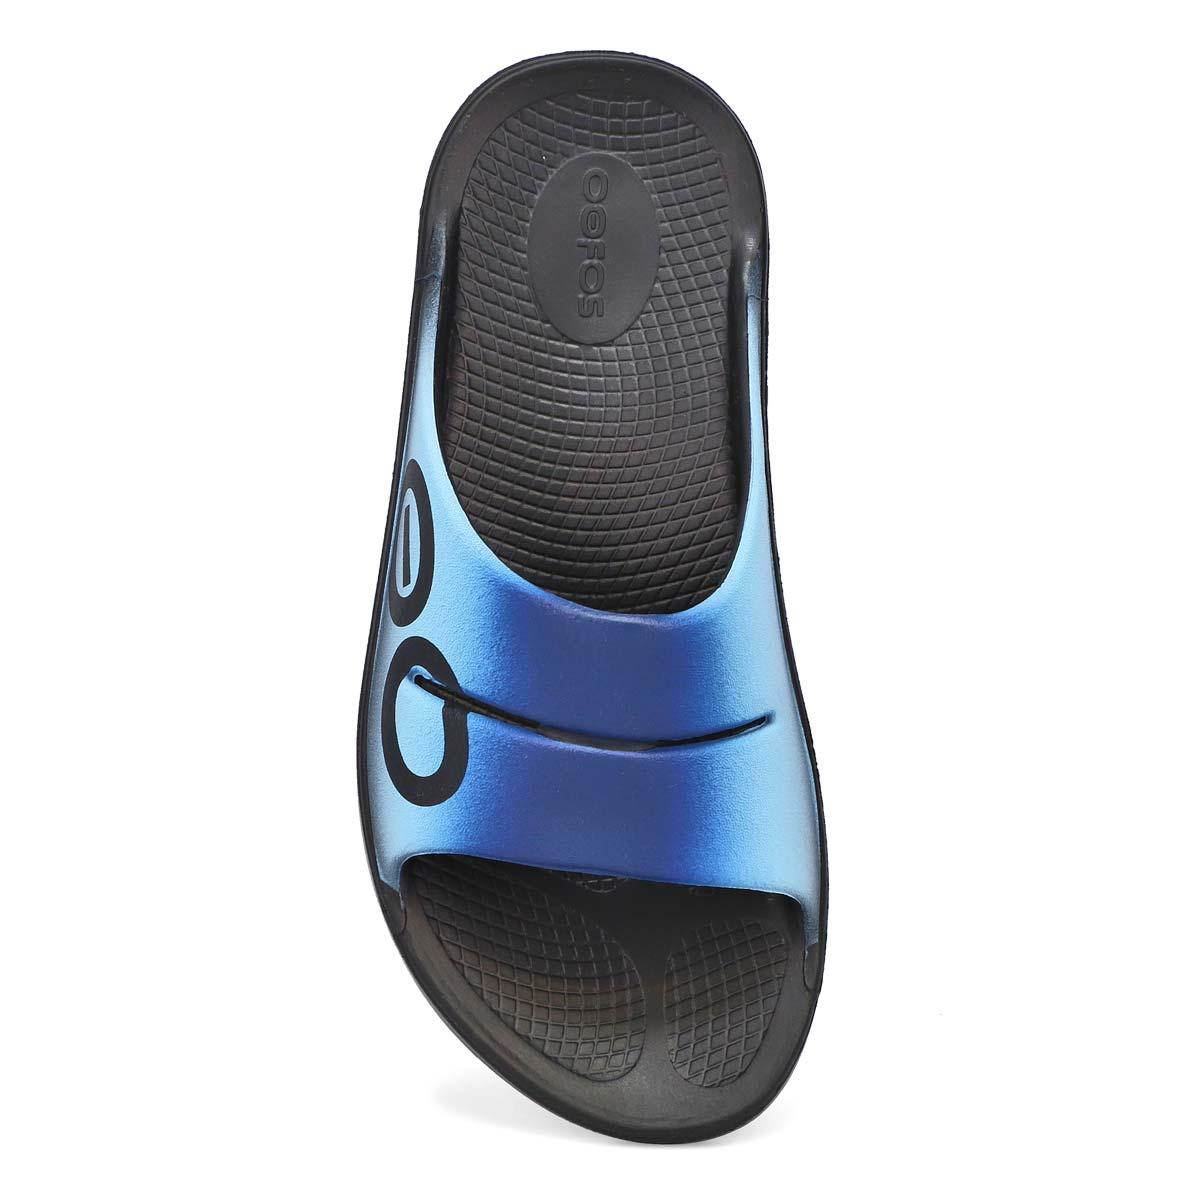 Women's Ooahh Sport Flex Sandal - Black/White